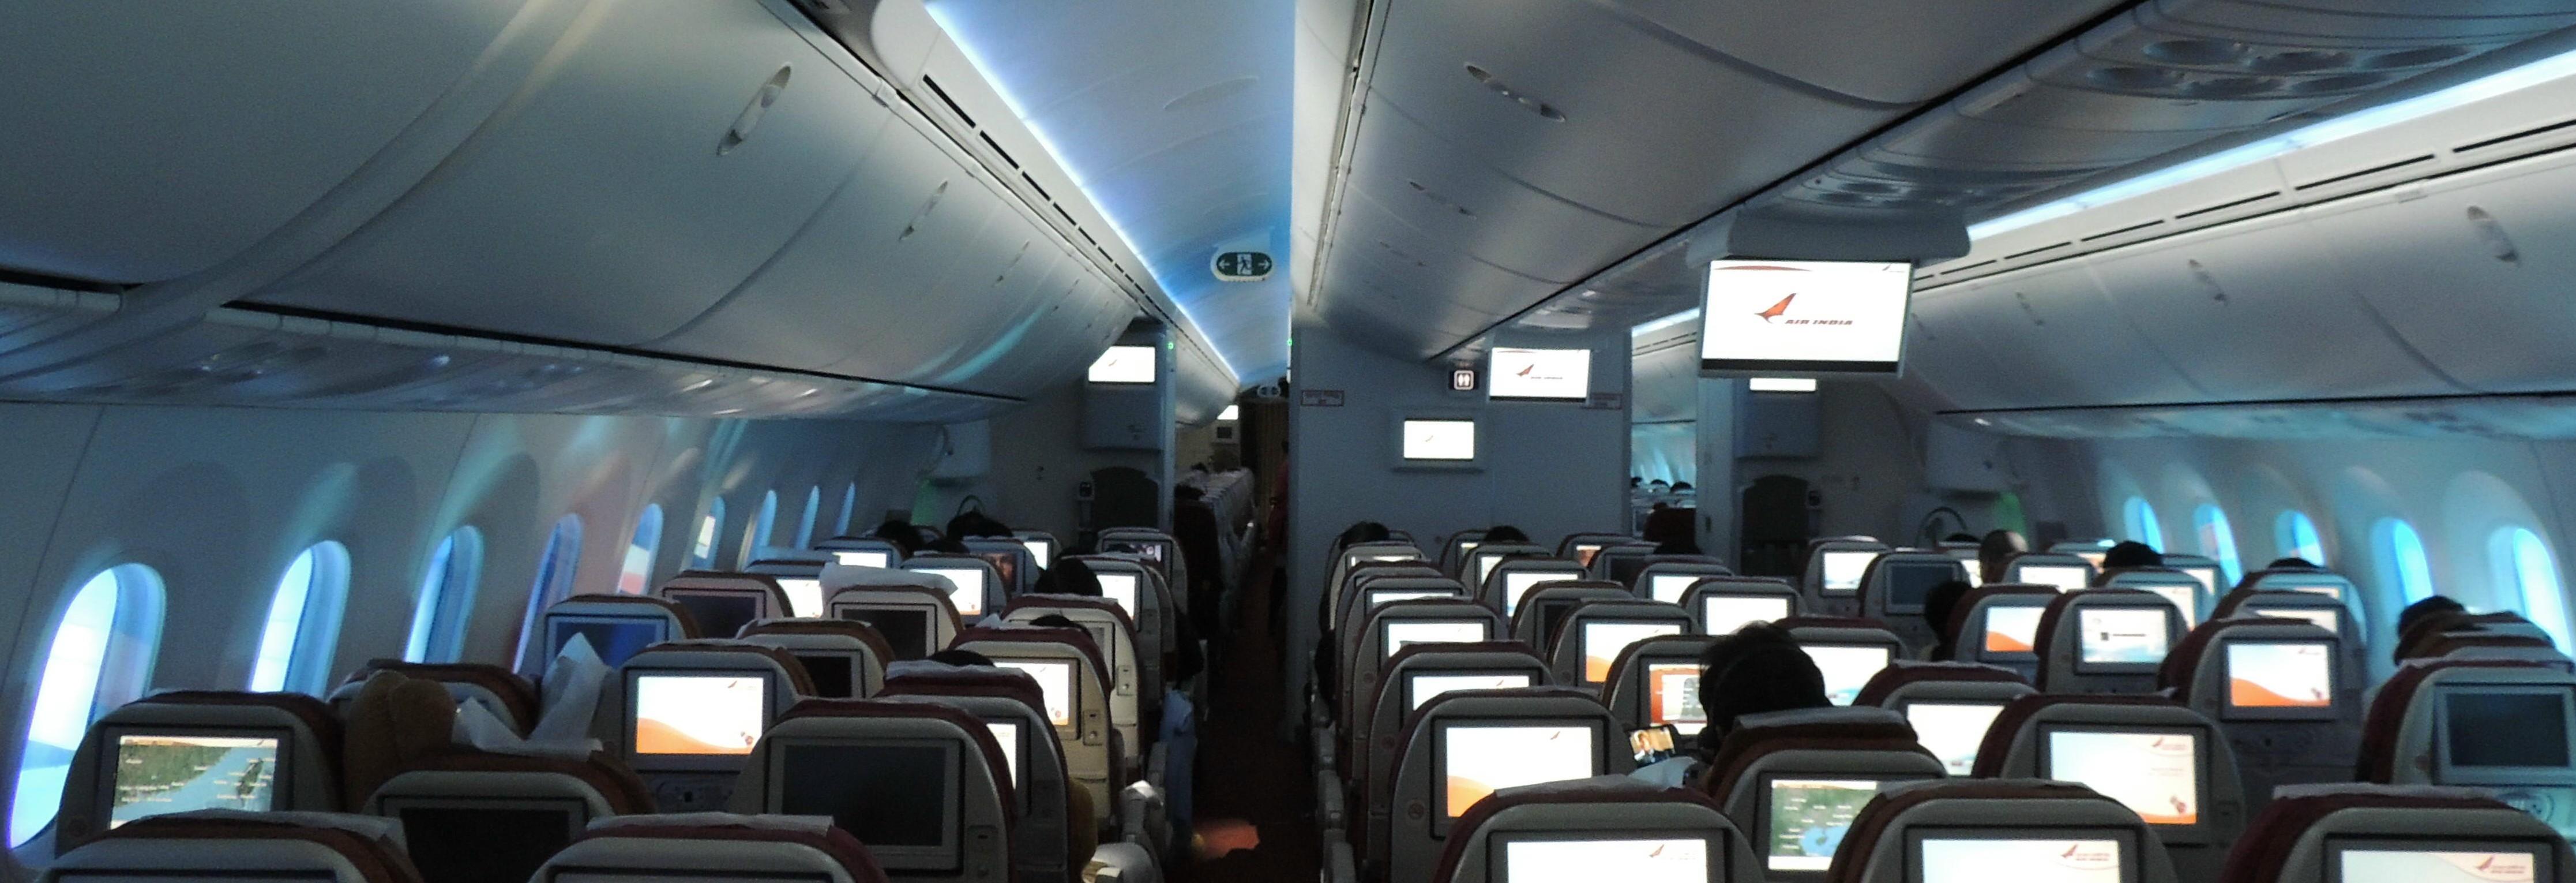 AI-B787-cabin-Y-rear-view (4)